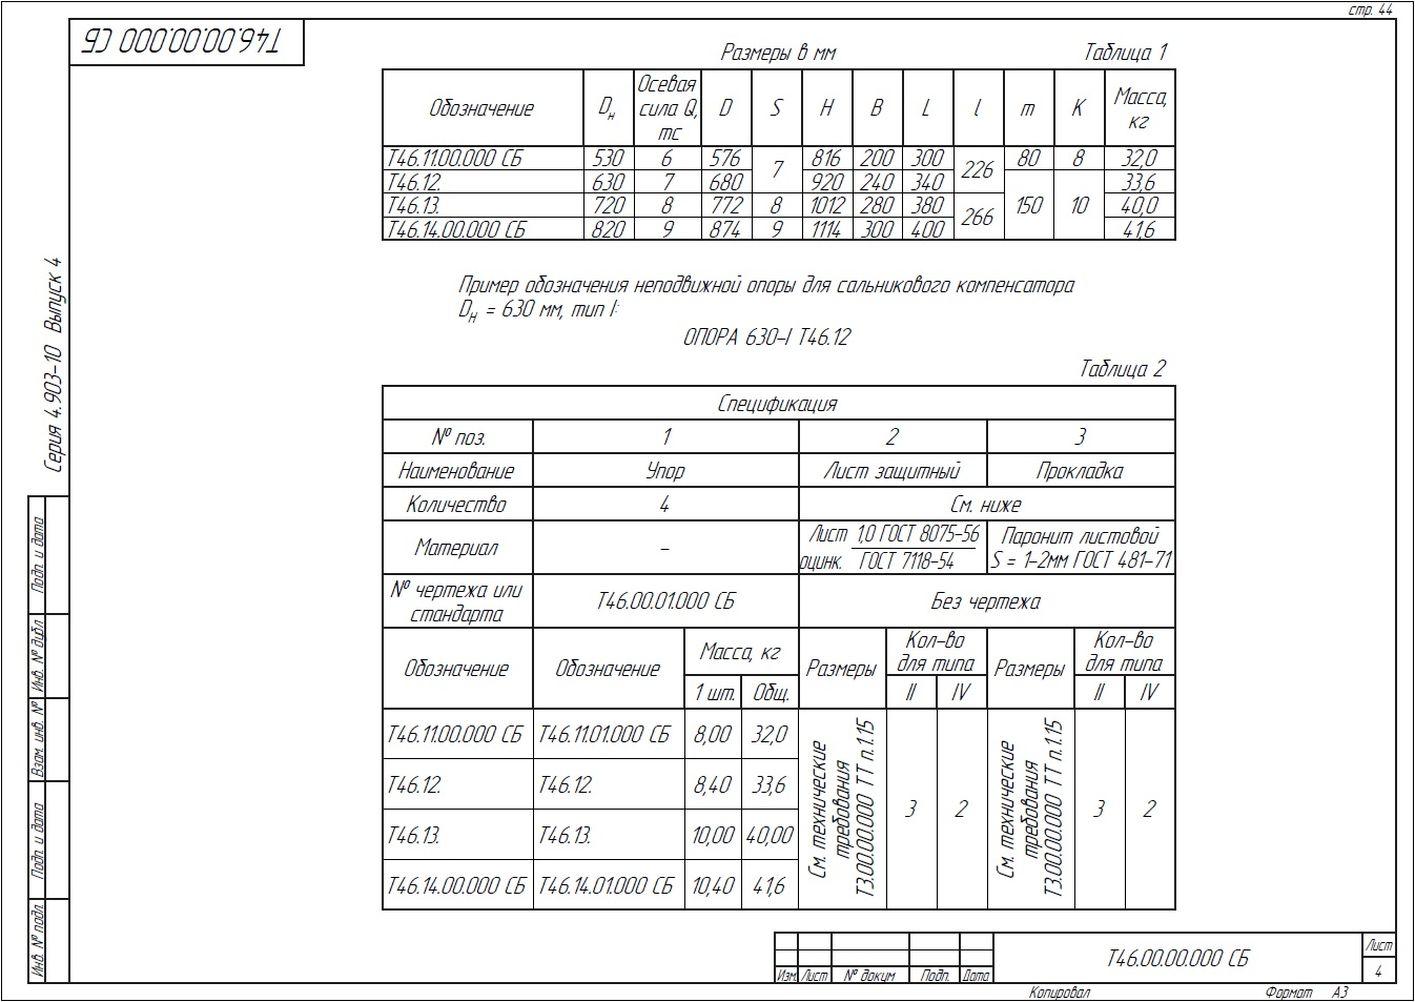 Опора неподвижная лобовая Т46 серия 4.903-10 вып.4 стр.4